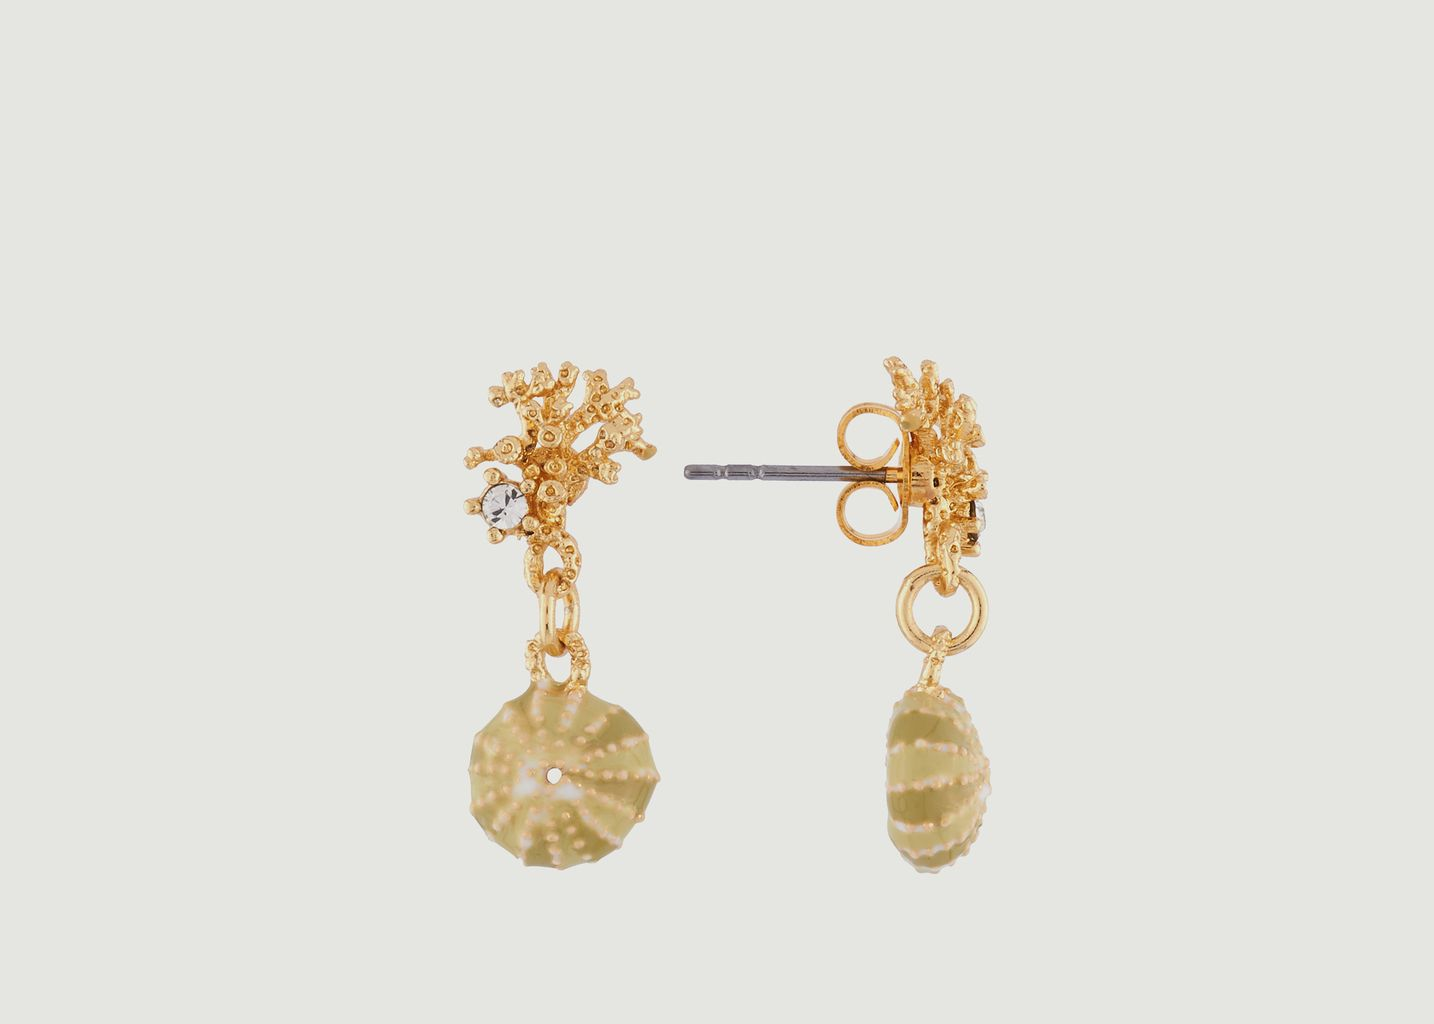 Boucles d'Oreilles Branche de Corail et Coquillage - Les Néréides